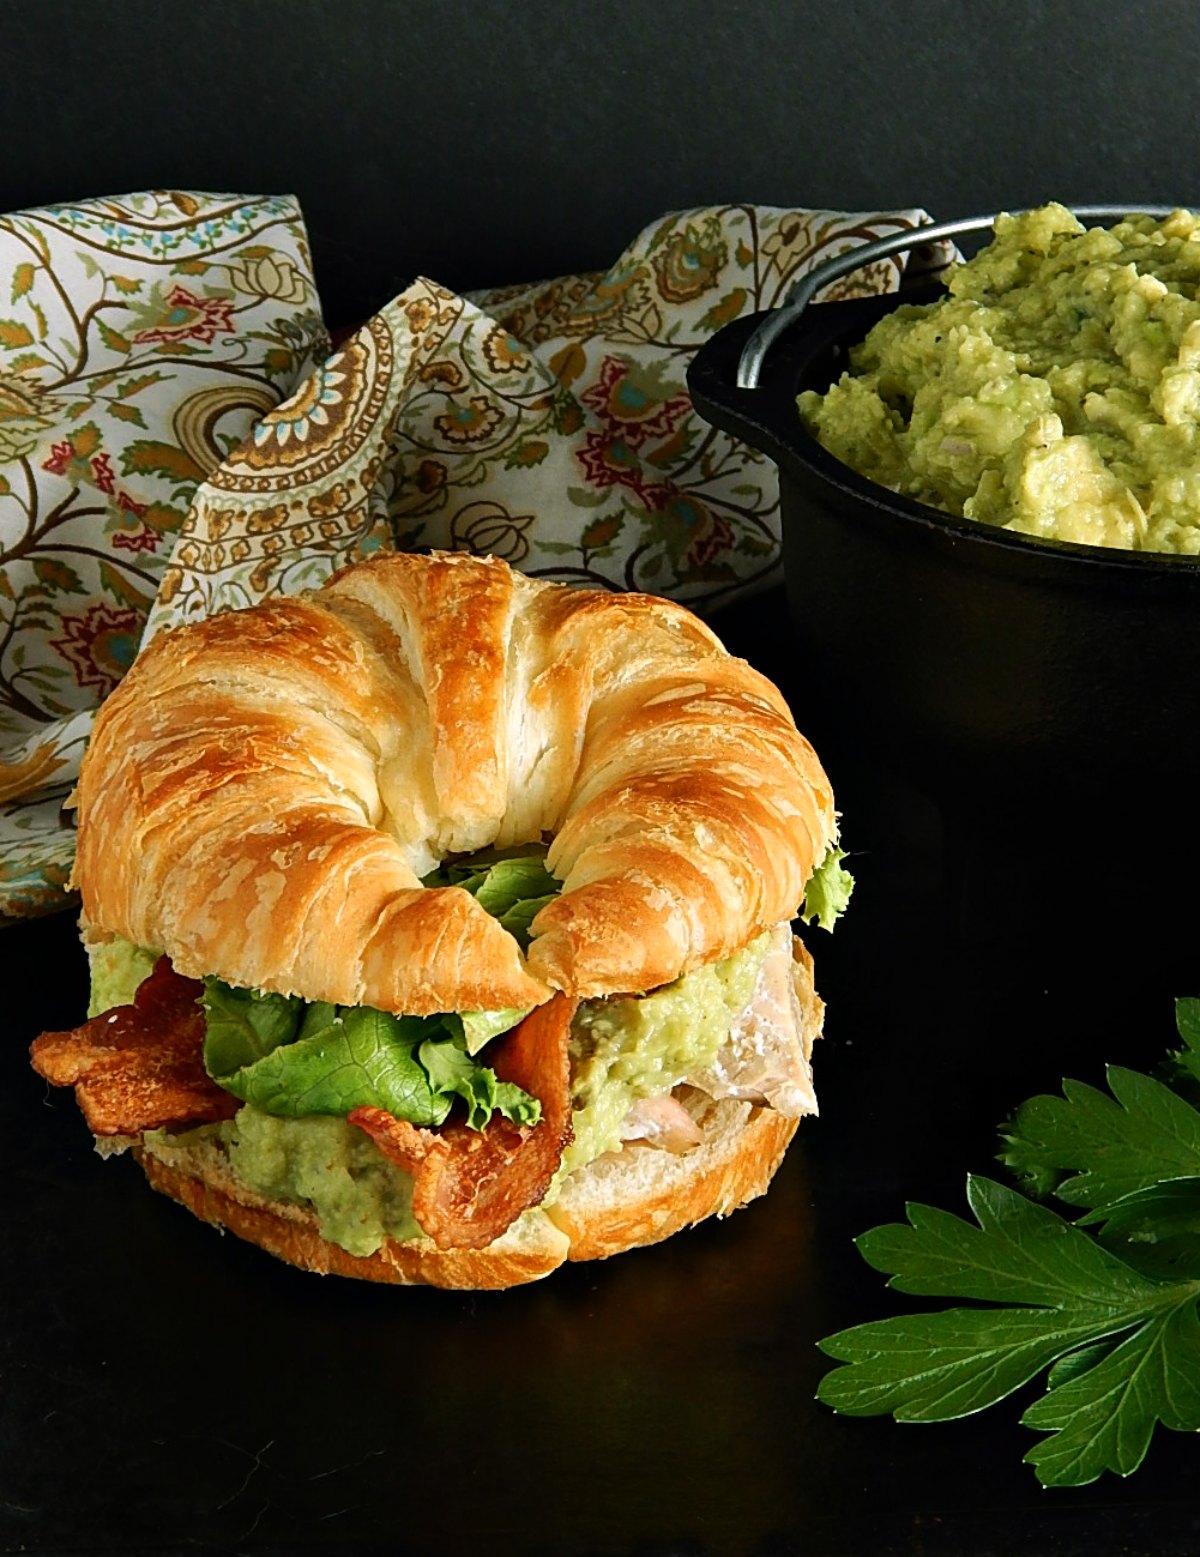 Ina Garten's Guacamole Salmon Sandwiches